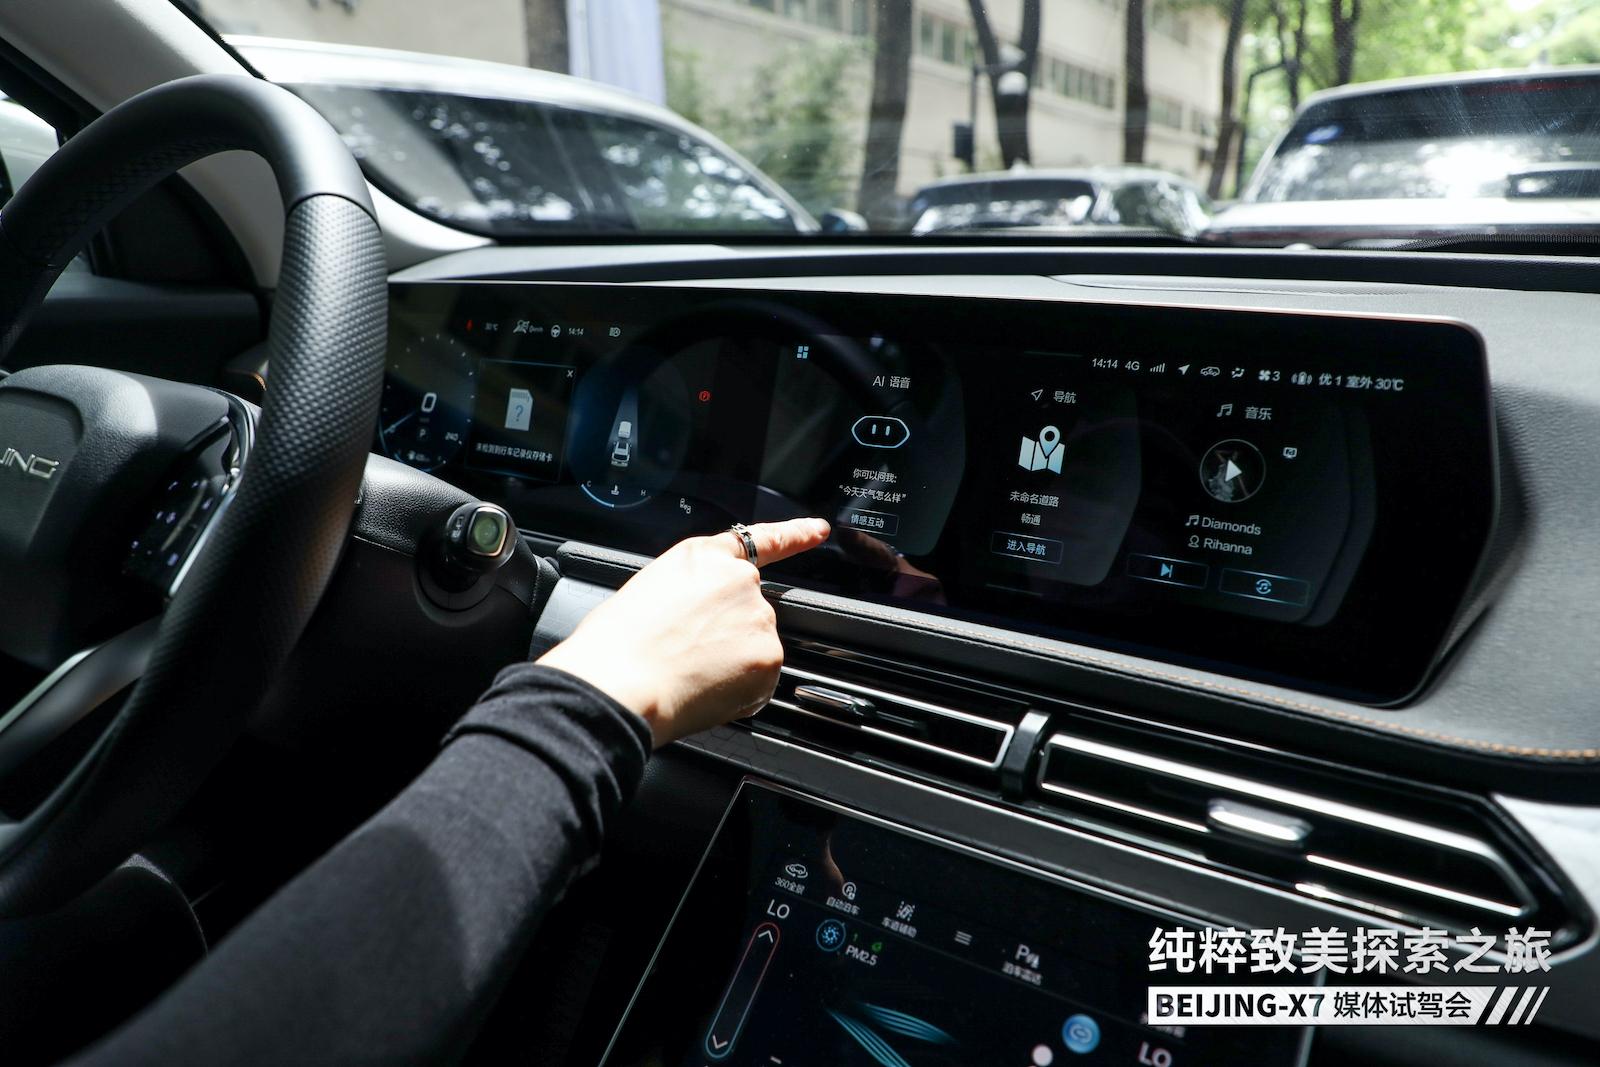 """大空间SUV,Beijing X7 """"纯粹致美探索之旅""""启程上海 BEIJING X7展""""大都致美""""设计新风尚 SUV评测 第6张"""